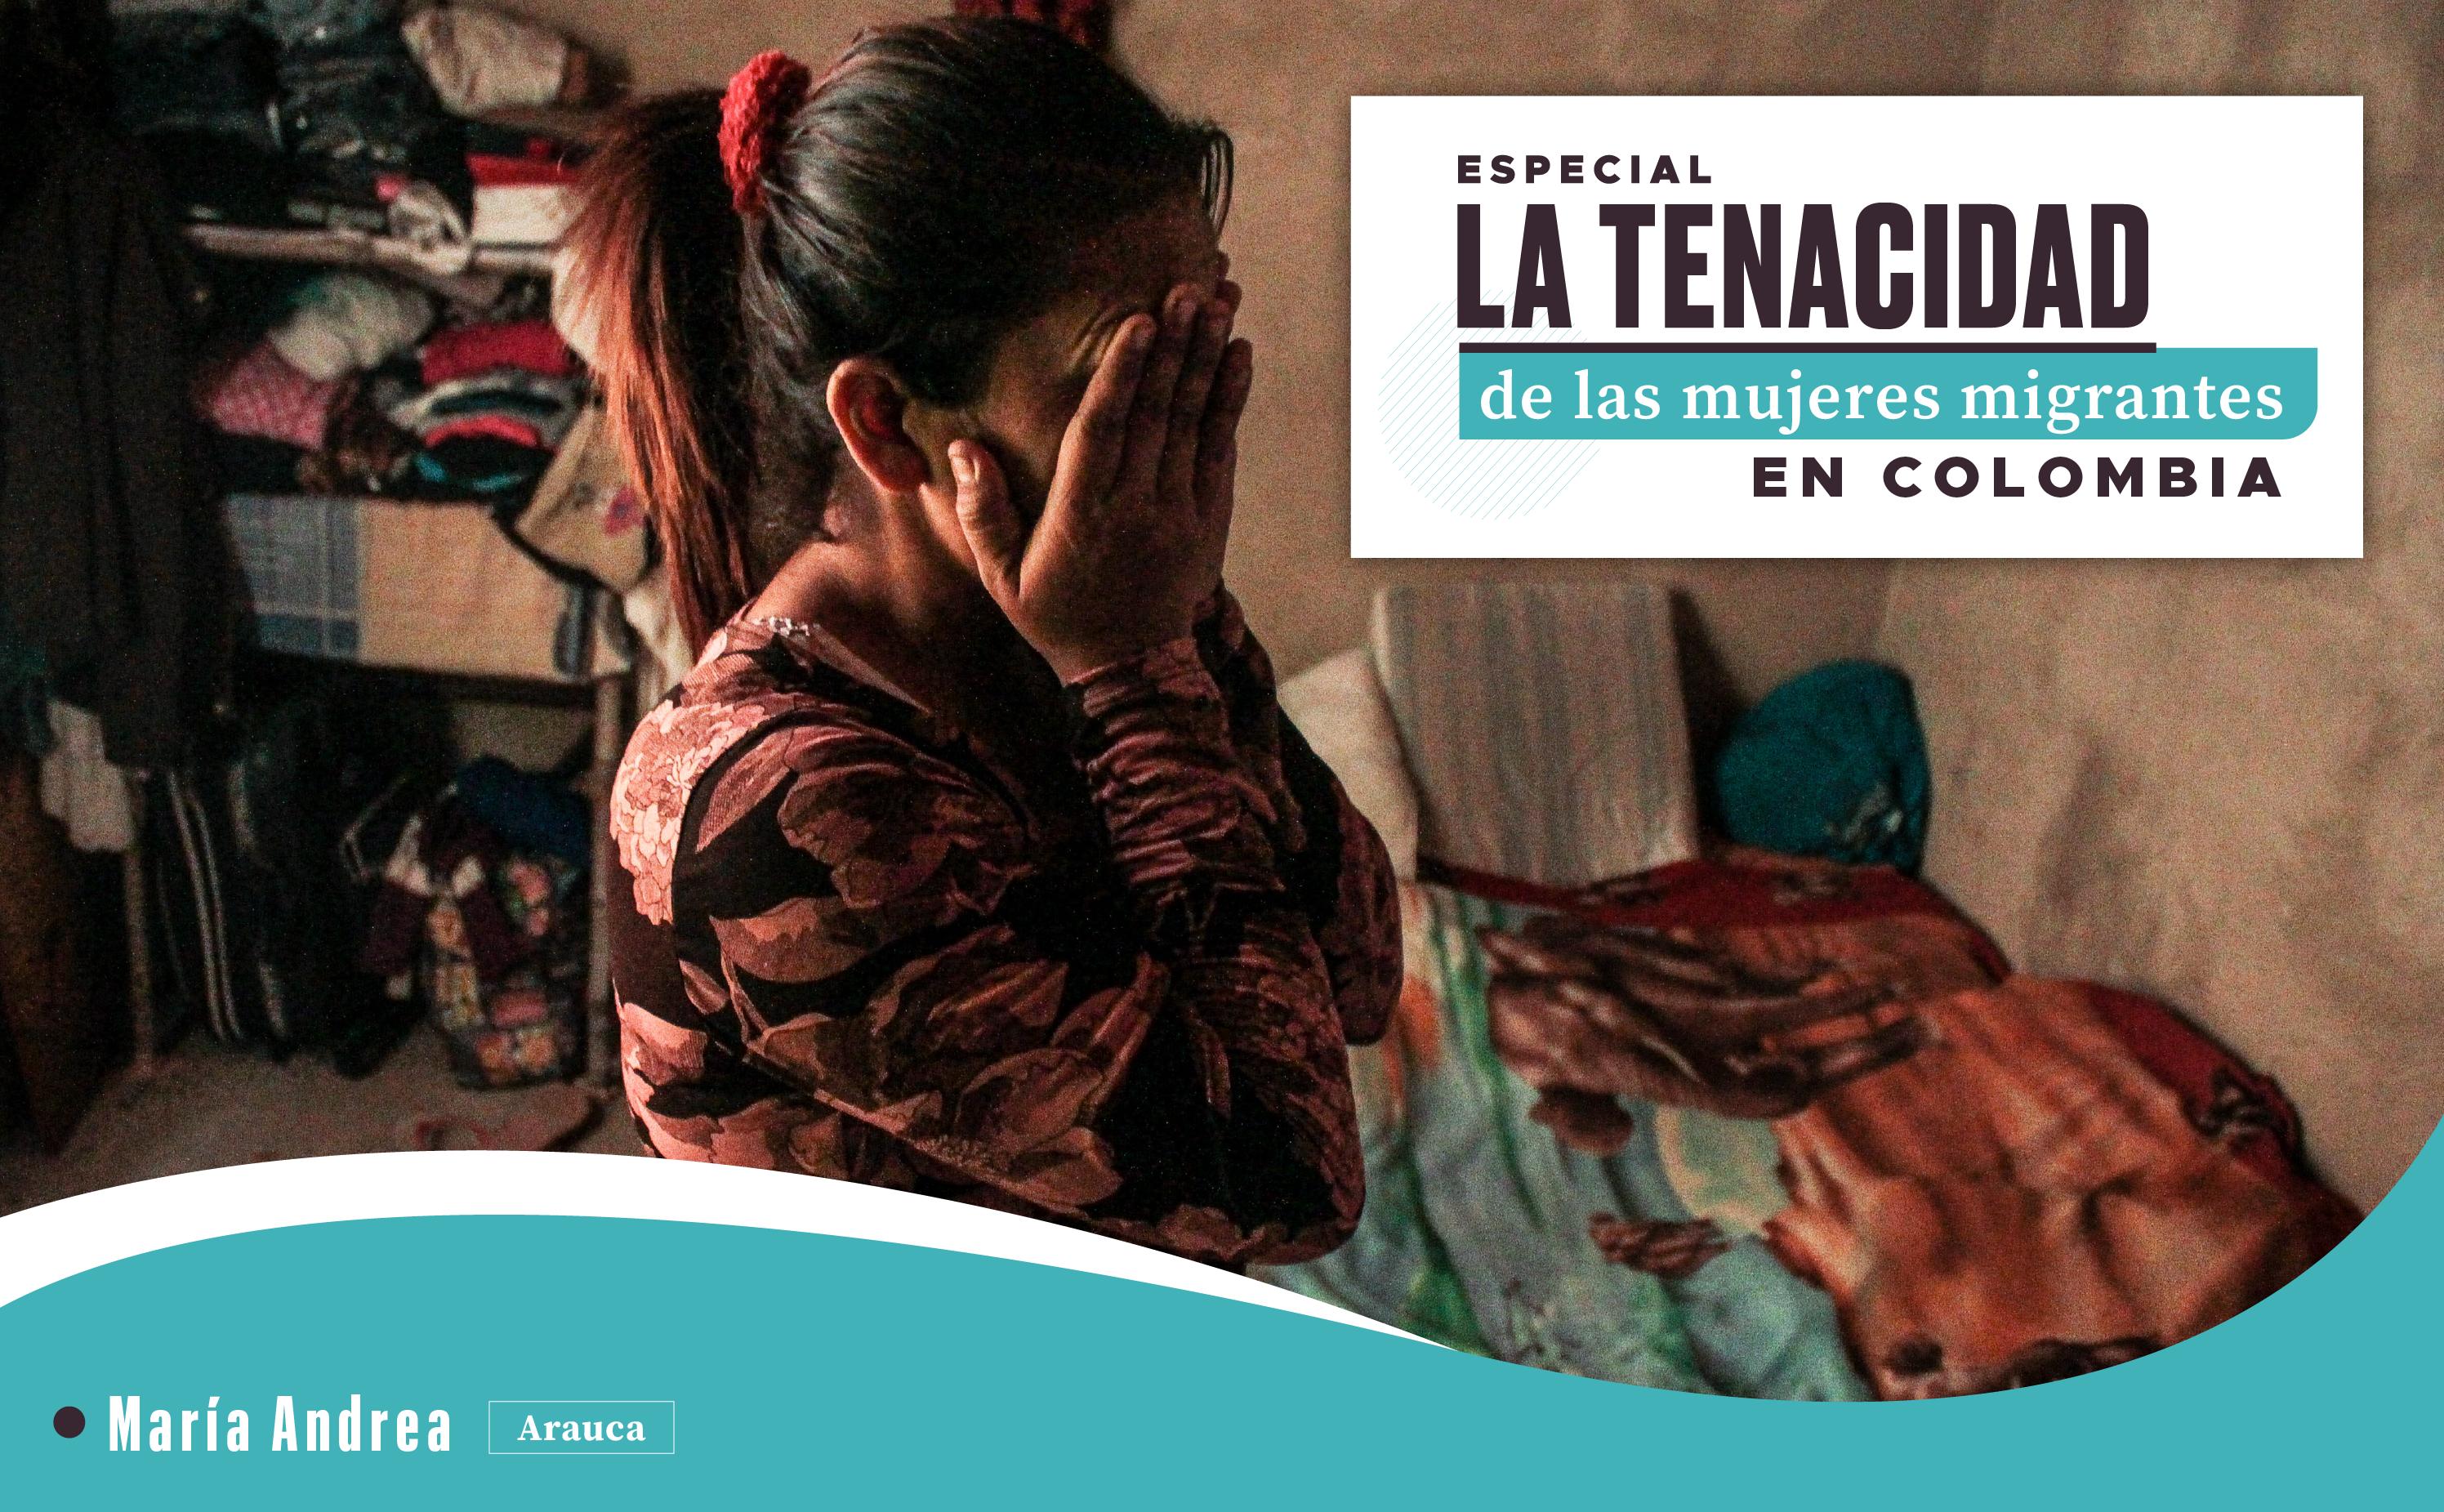 El río Arauca, testigo de la violencia sexual contra las migrantes